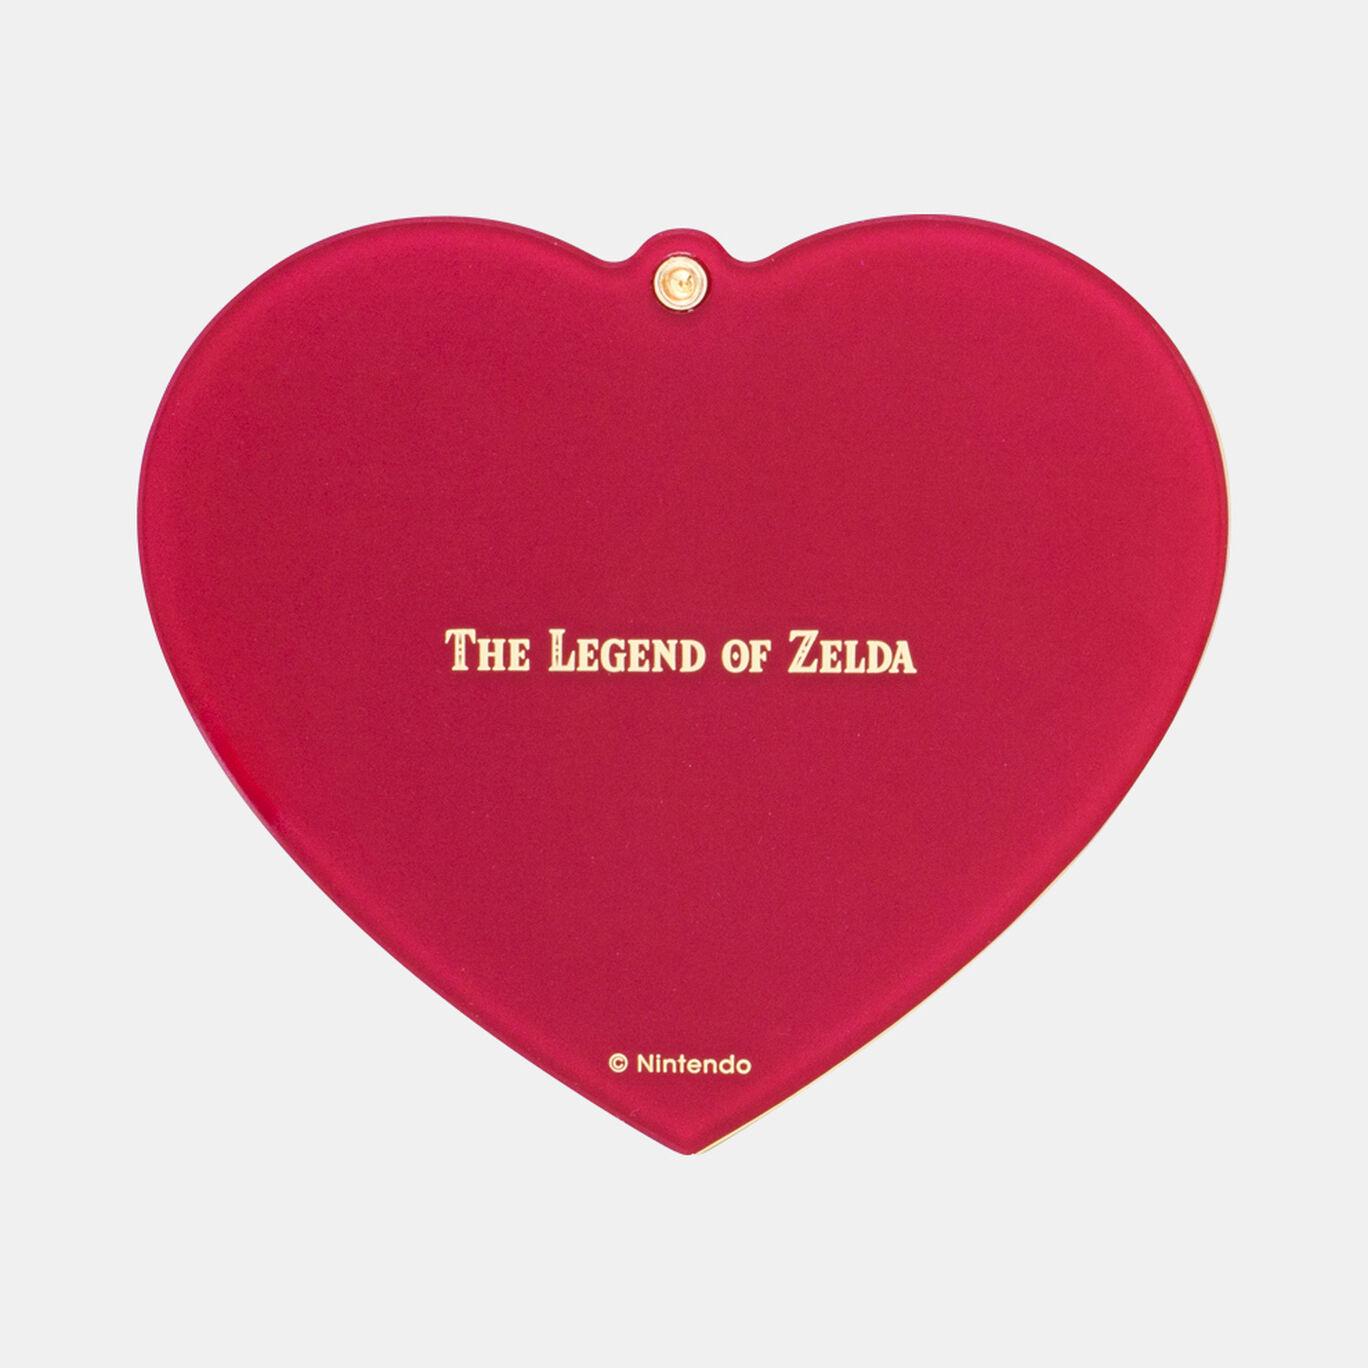 【新商品】スライドミラー ハートの器 ゼルダの伝説【Nintendo TOKYO取り扱い商品】